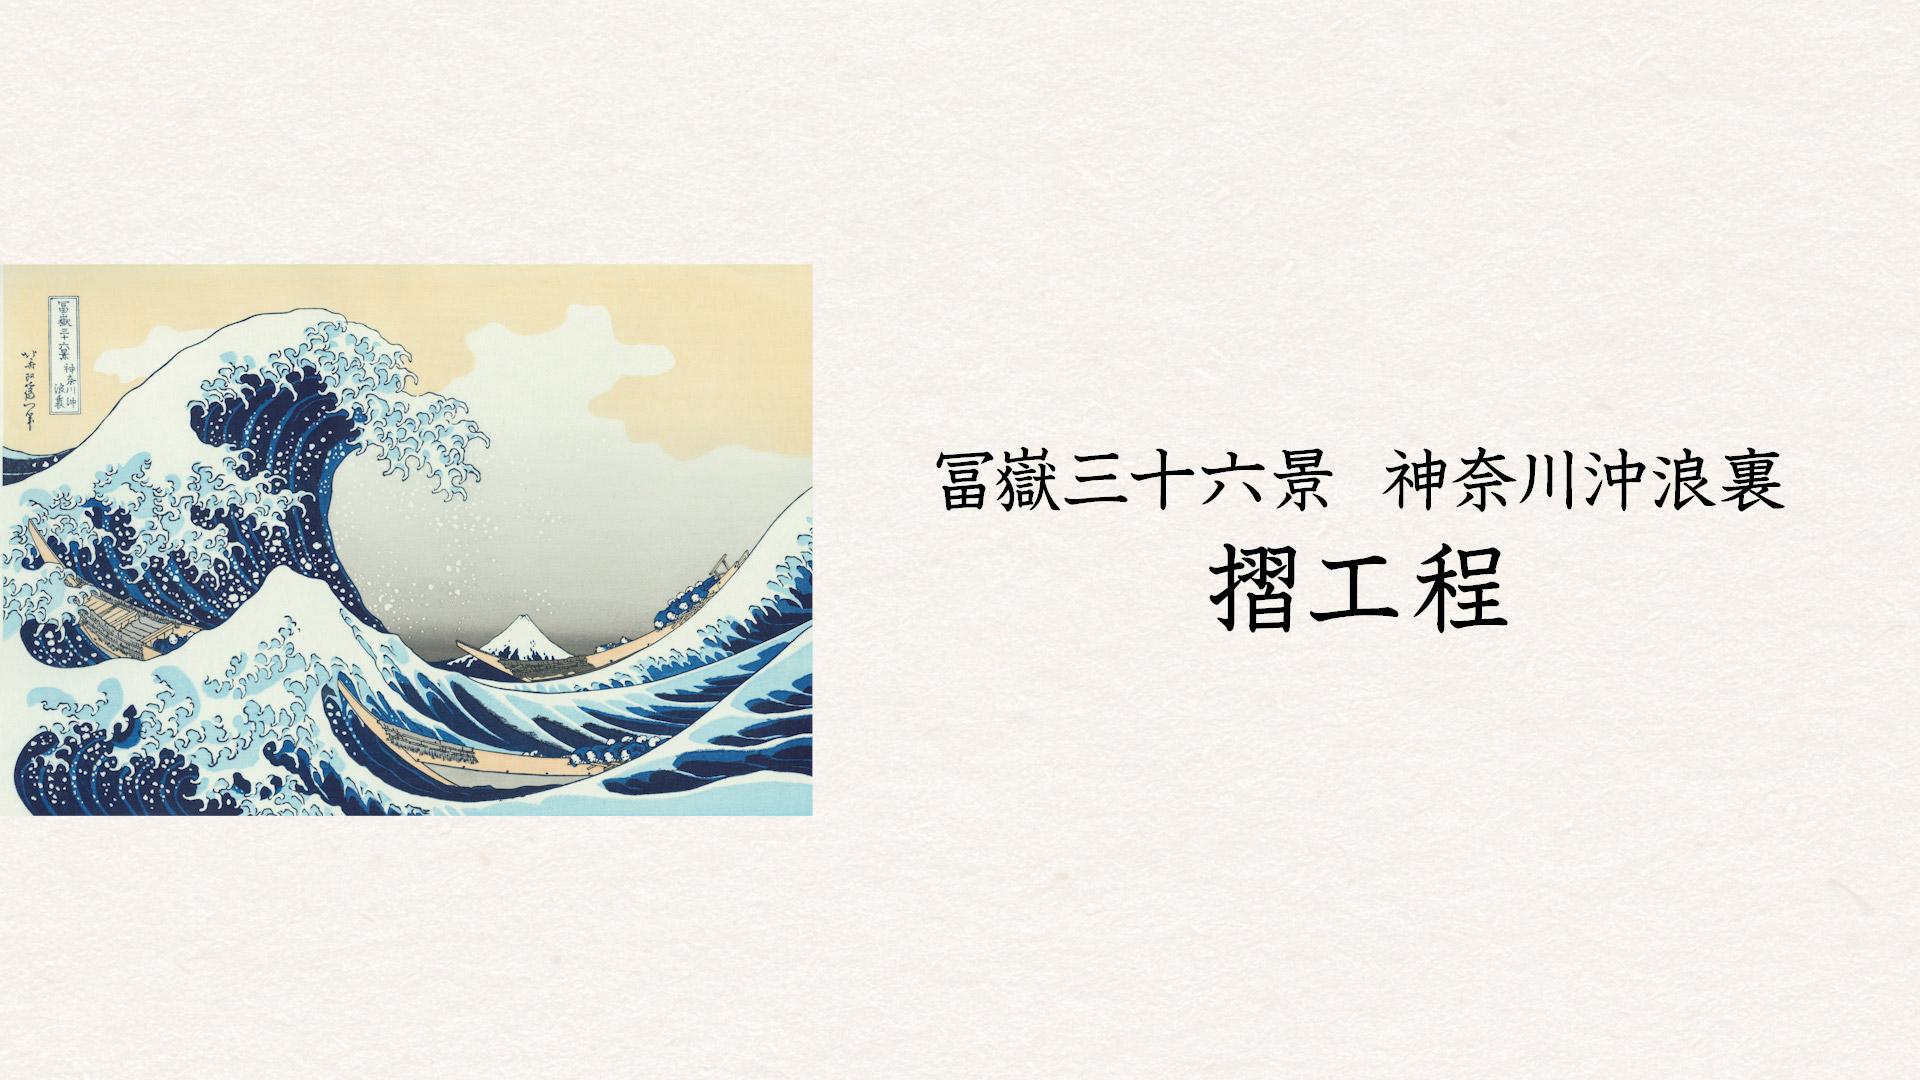 特別展「北斎づくし」-冨嶽三十六景 神奈川沖浪裏 摺工程- 会場用映像制作